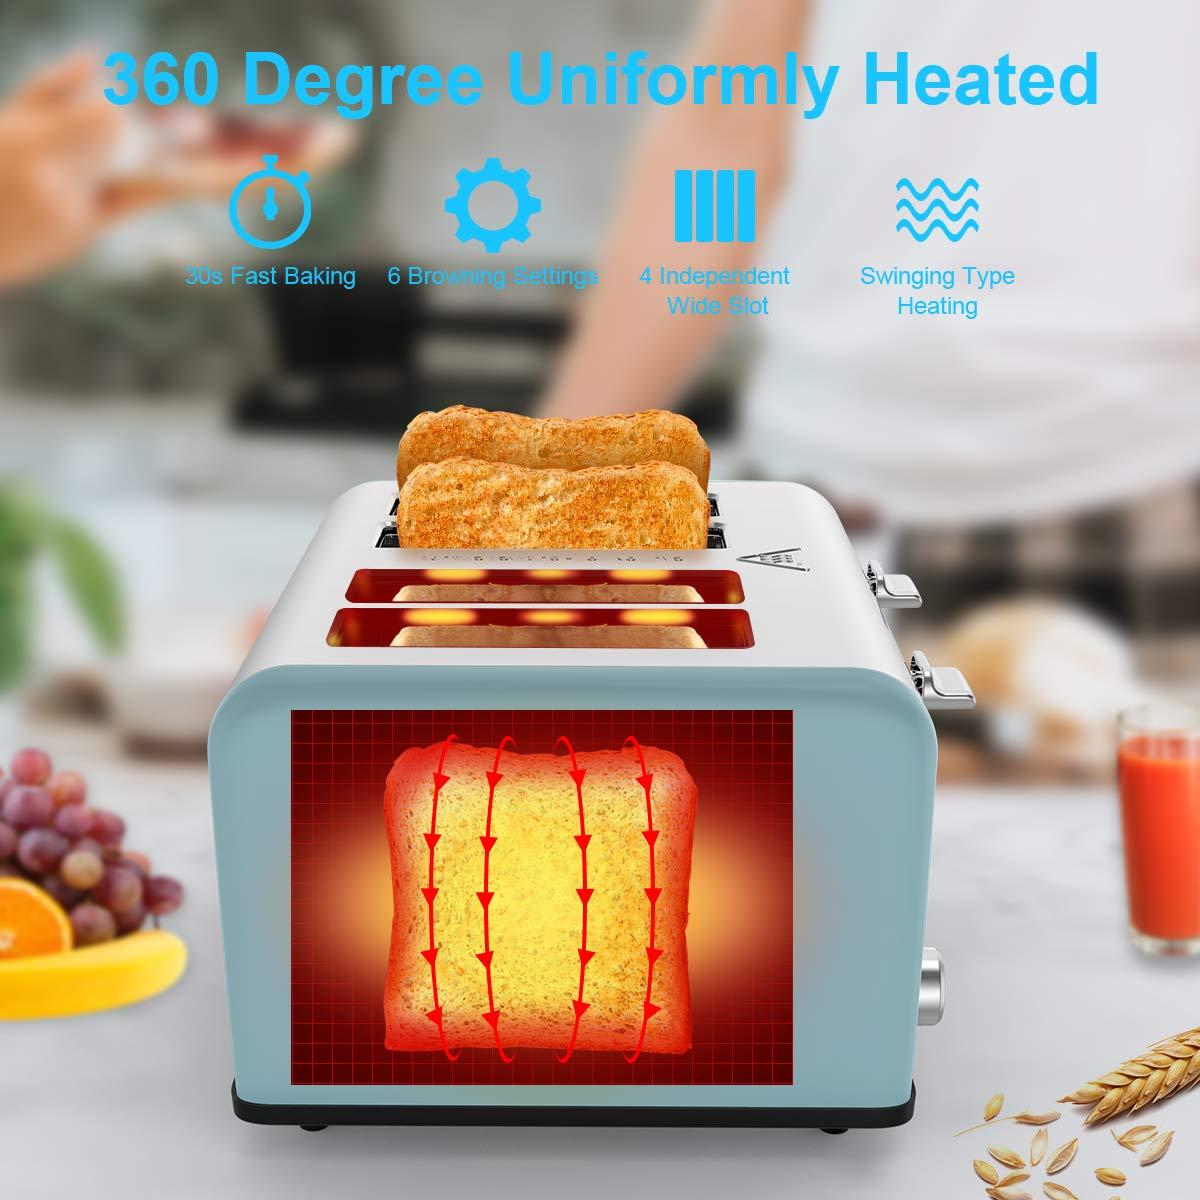 Toaster 4 Scheiben, Morpilot Edelstahl Toaster 1600 Watt mit 1,5\'\' breiten Schlitzen, 6 bräunungsstufen und 3 Moden (Auftau-, Aufwärm- sowie Abschaltungsmode)